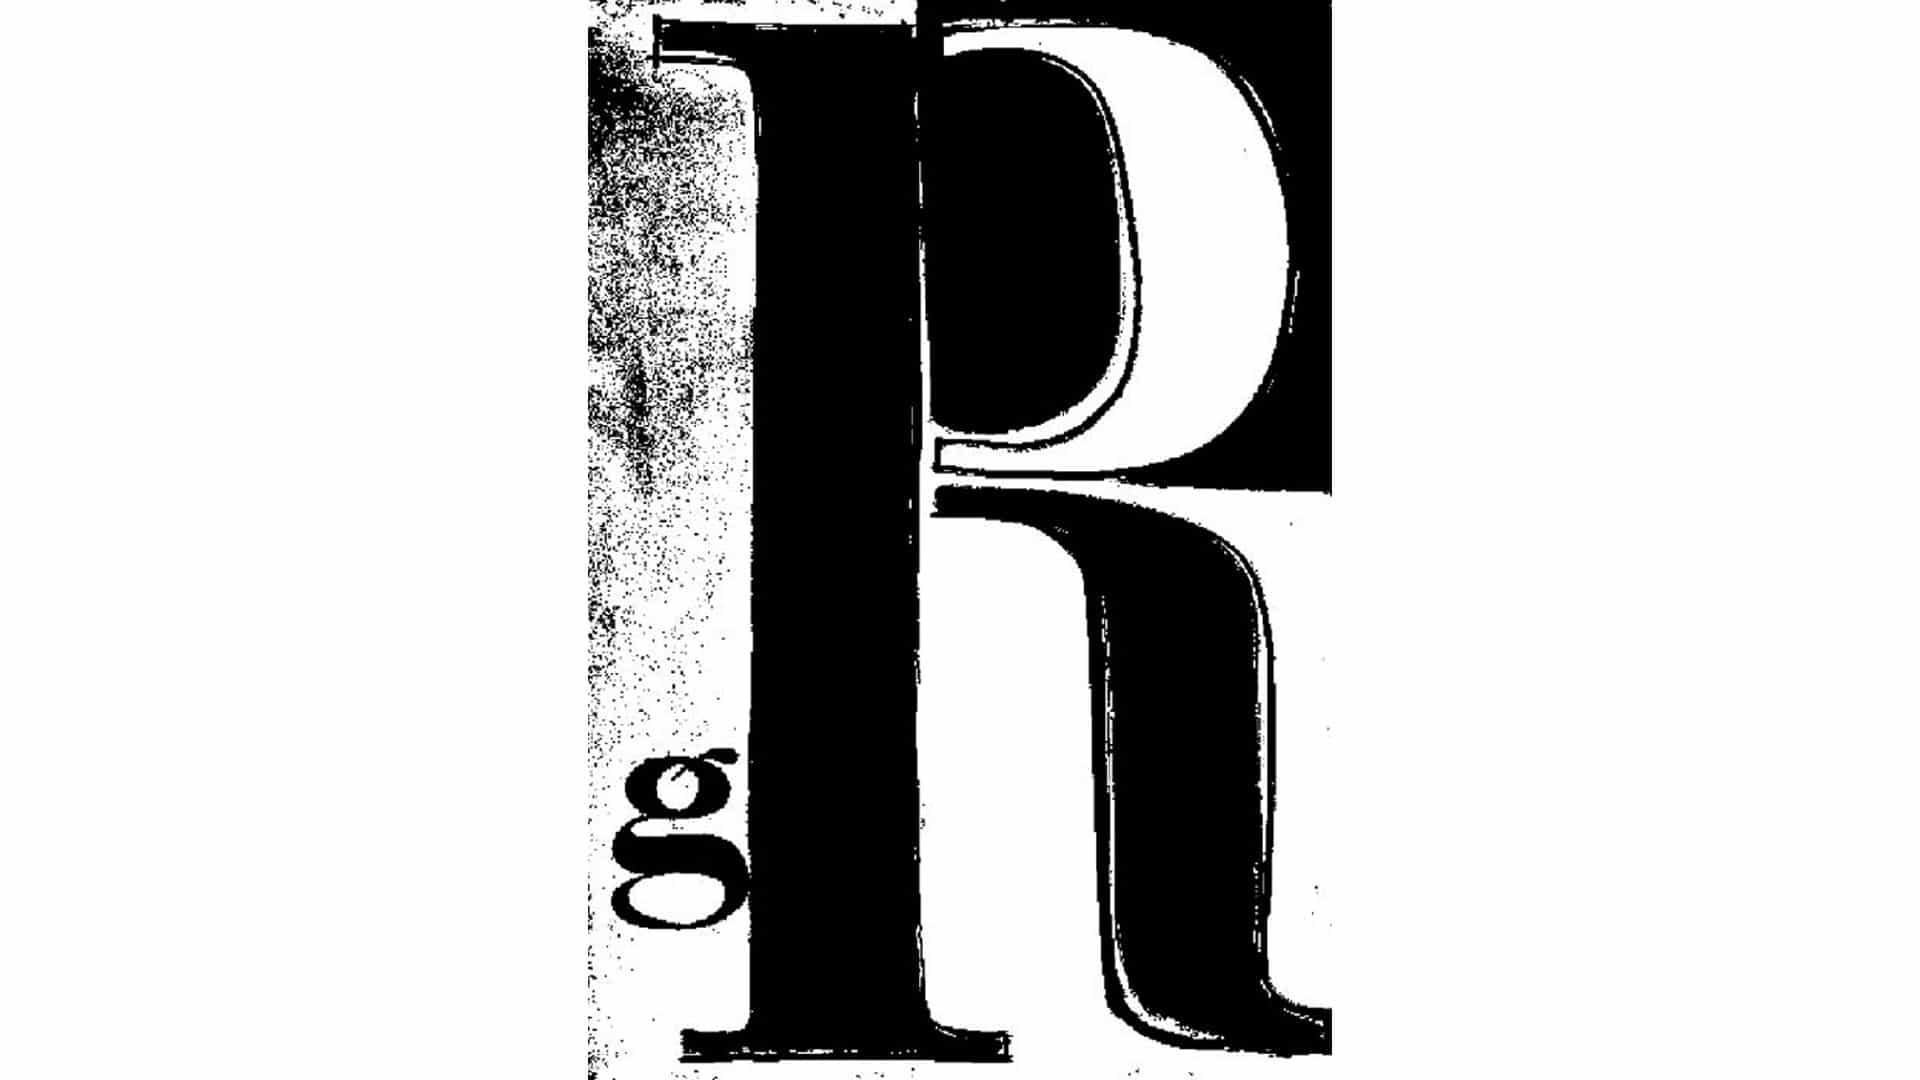 El Grupo R: en búsqueda de una nueva conciencia